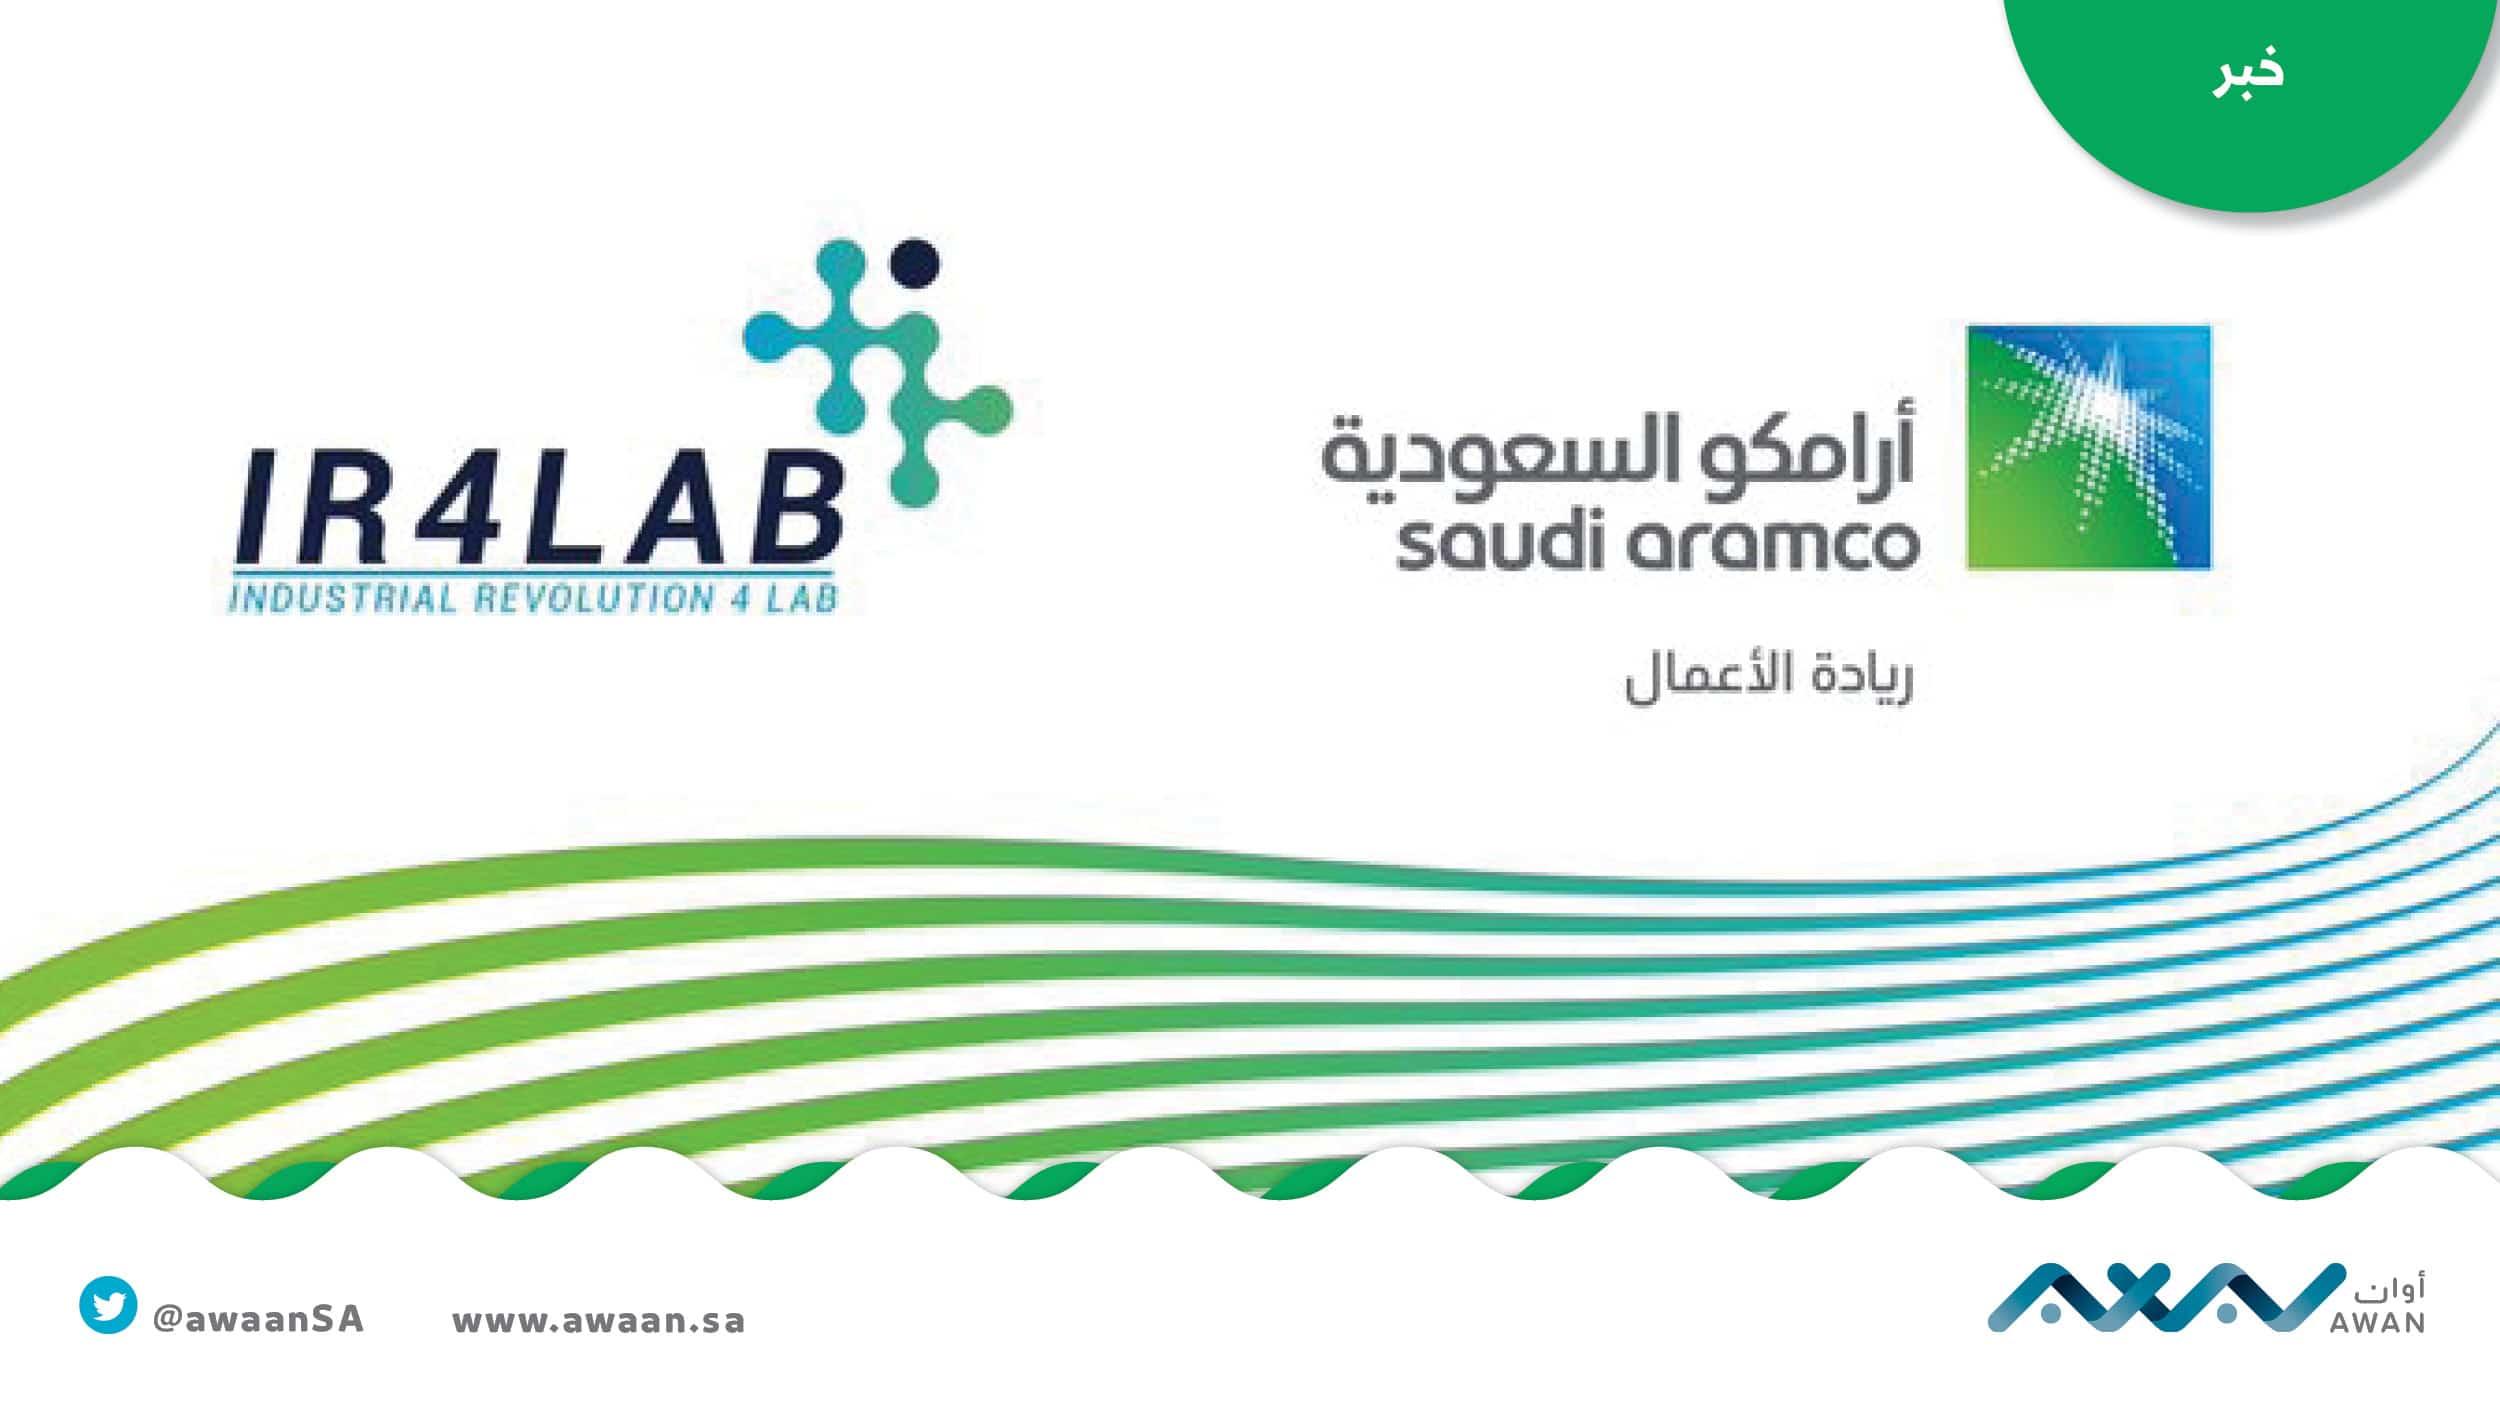 شركة IR4LAB